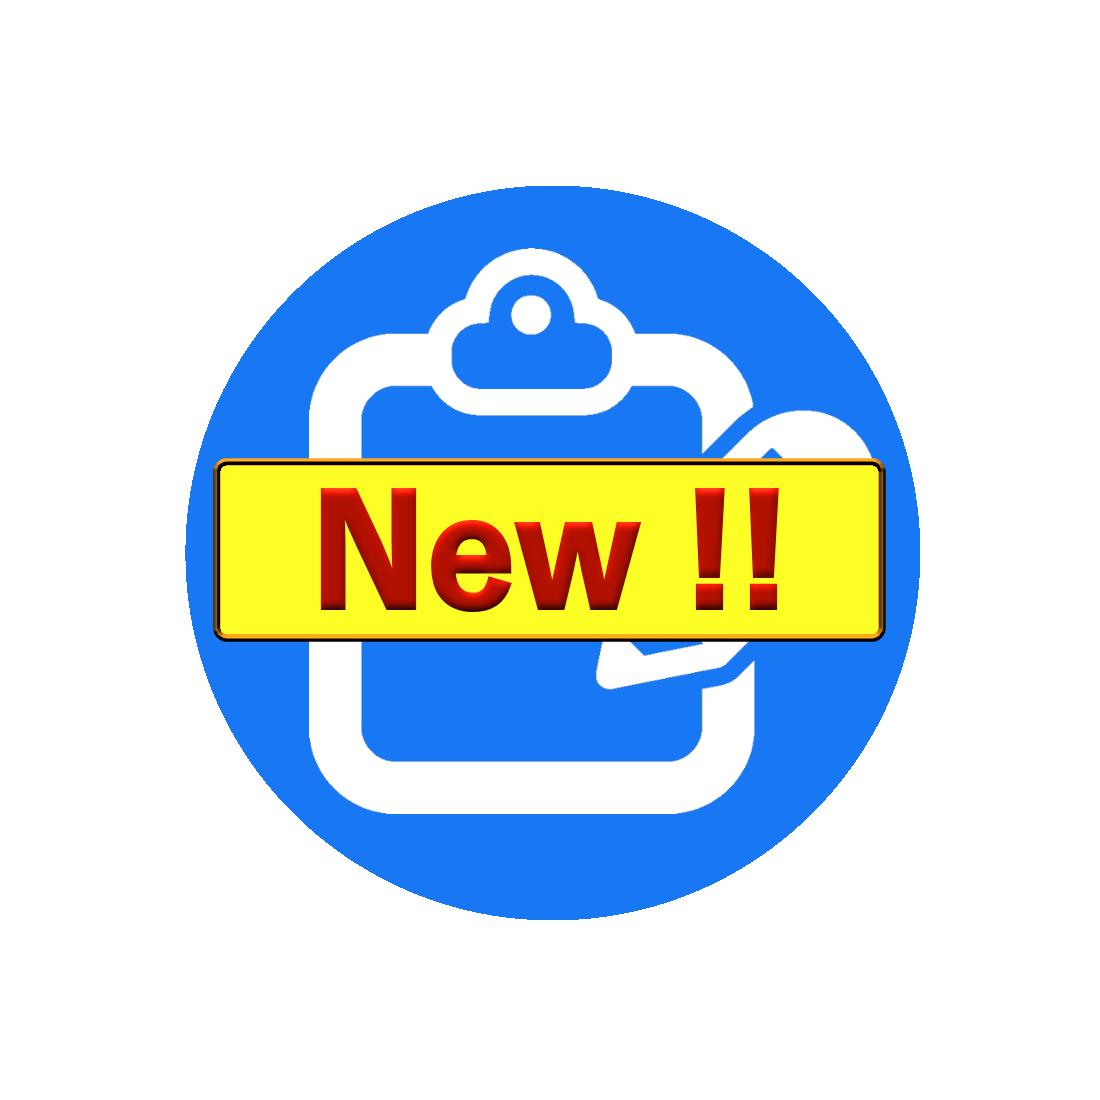 オーダー_1100_new